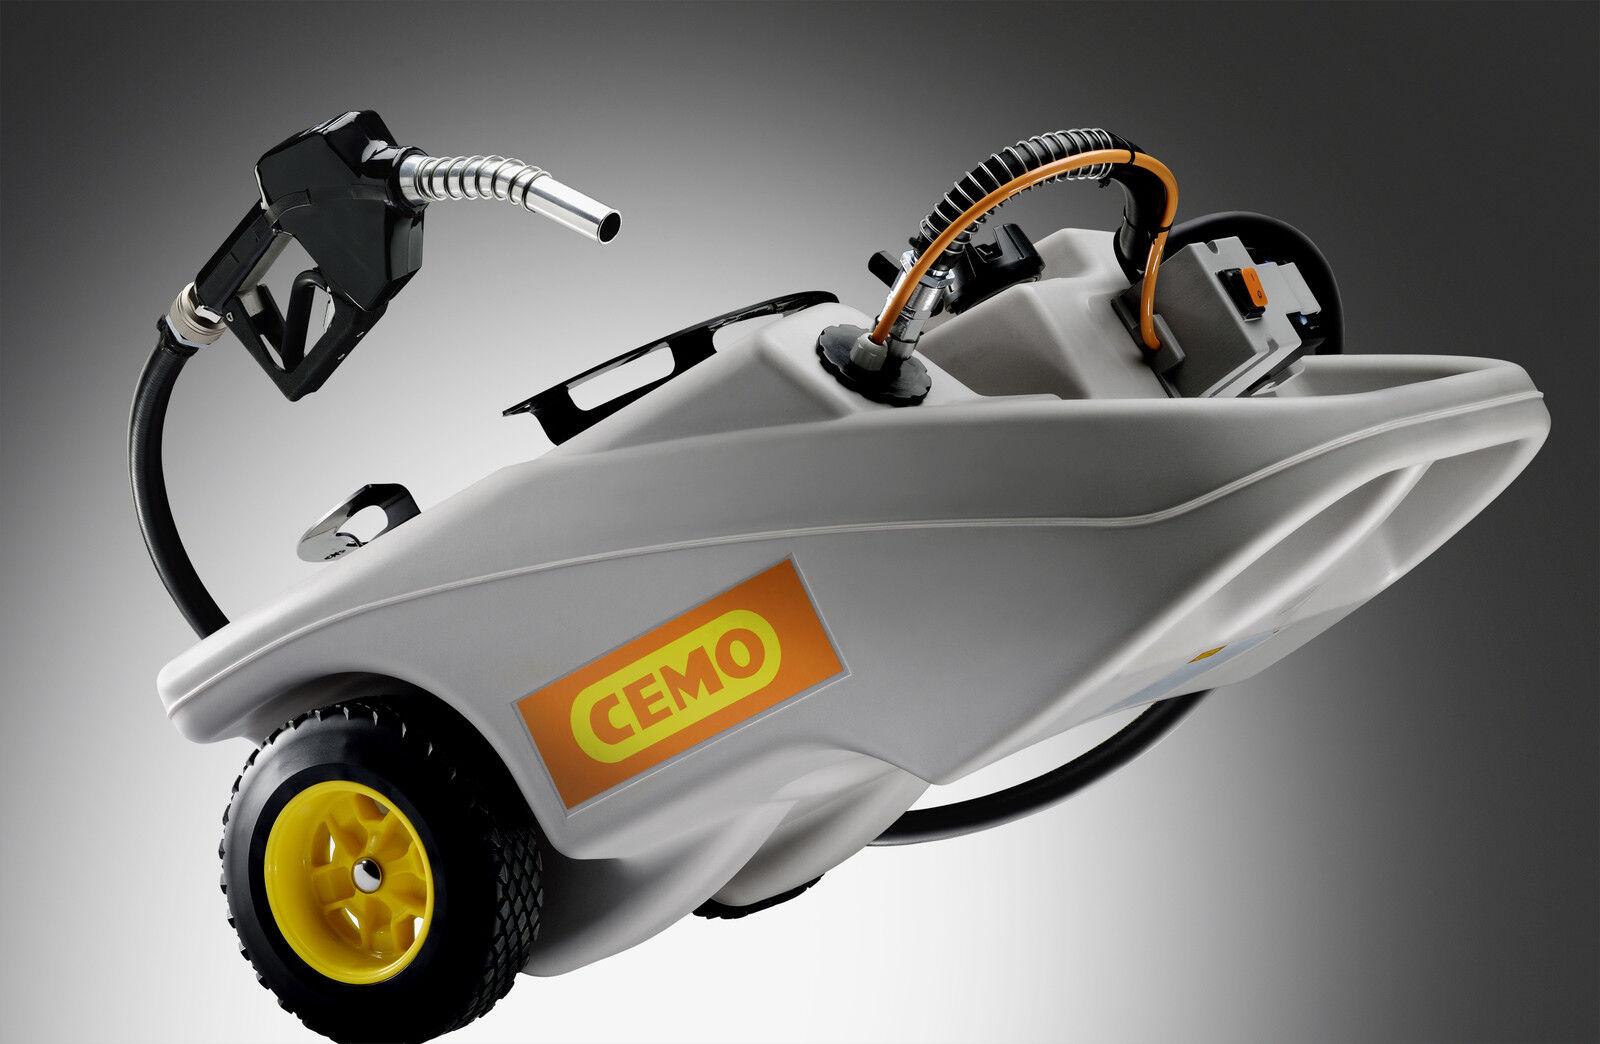 CEMO Dieseltrolley Dieseltrolley Dieseltrolley - Dieseltank /  Dieseltankstelle 60 Liter Caddy   12 V Pumpe 313f79